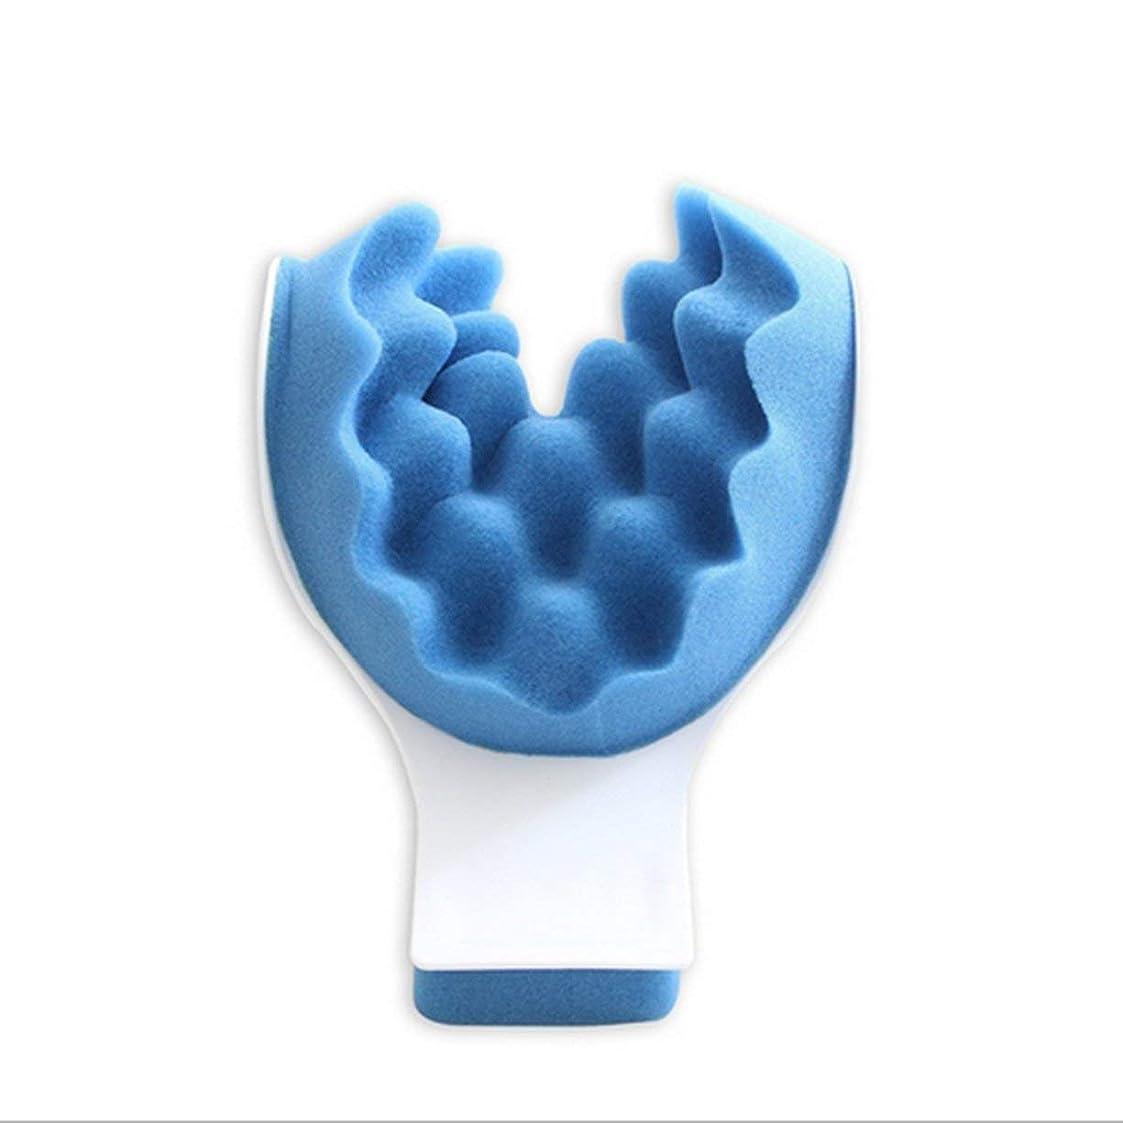 契約する尊敬する割るマッスルテンションリリーフタイトネスと痛みの緩和セラピーティックネックサポートテンションリリーフネック&ショルダーリラクサー - ブルー